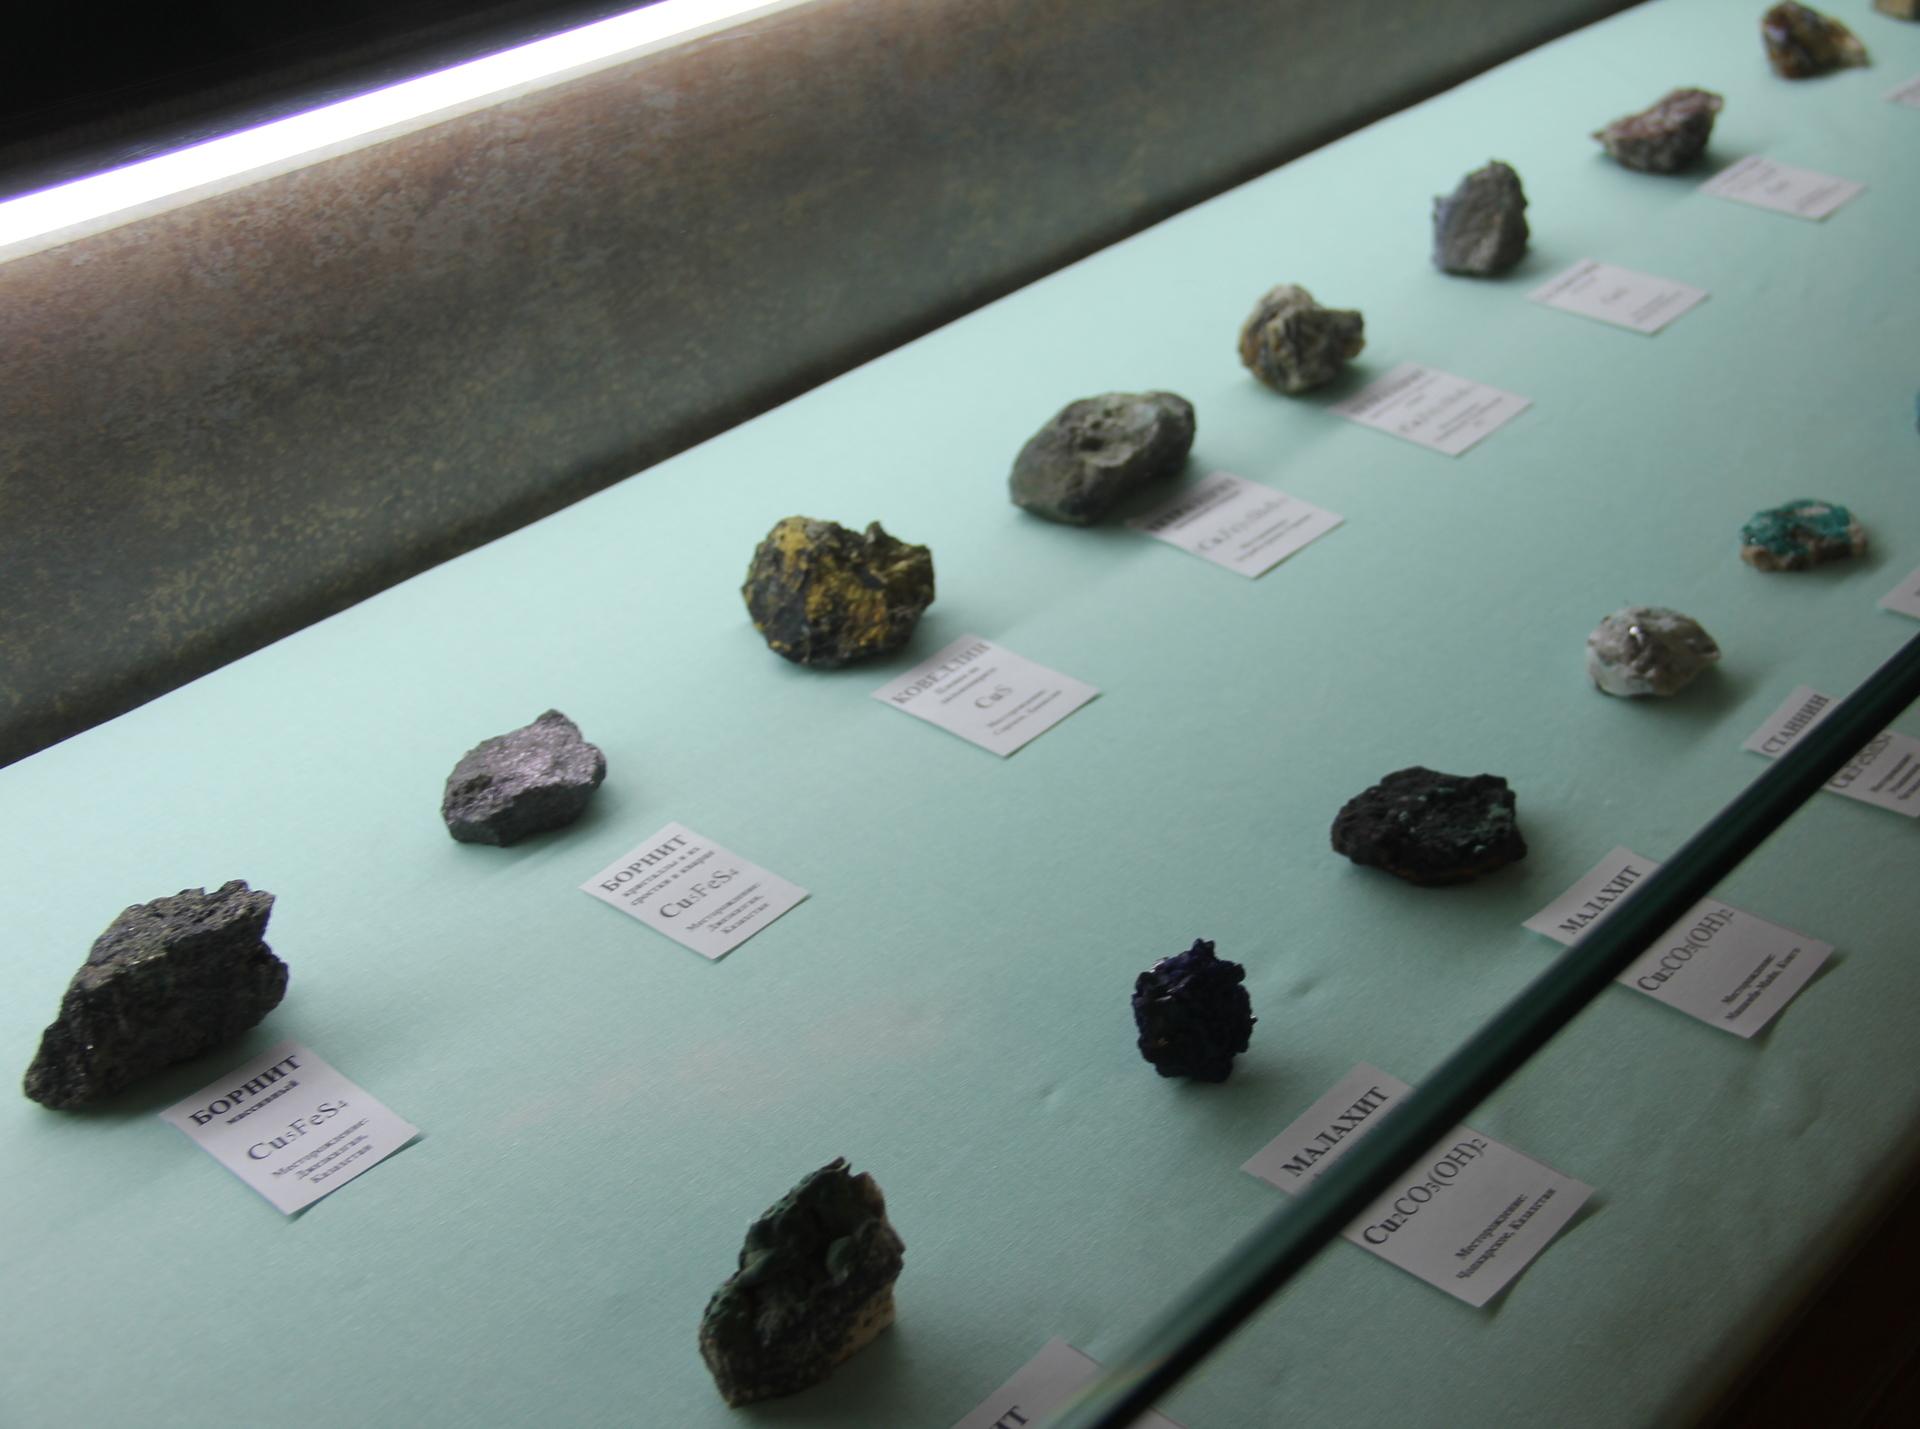 Коллекция медесодержащих минералов - минералов из которых добывают медь.